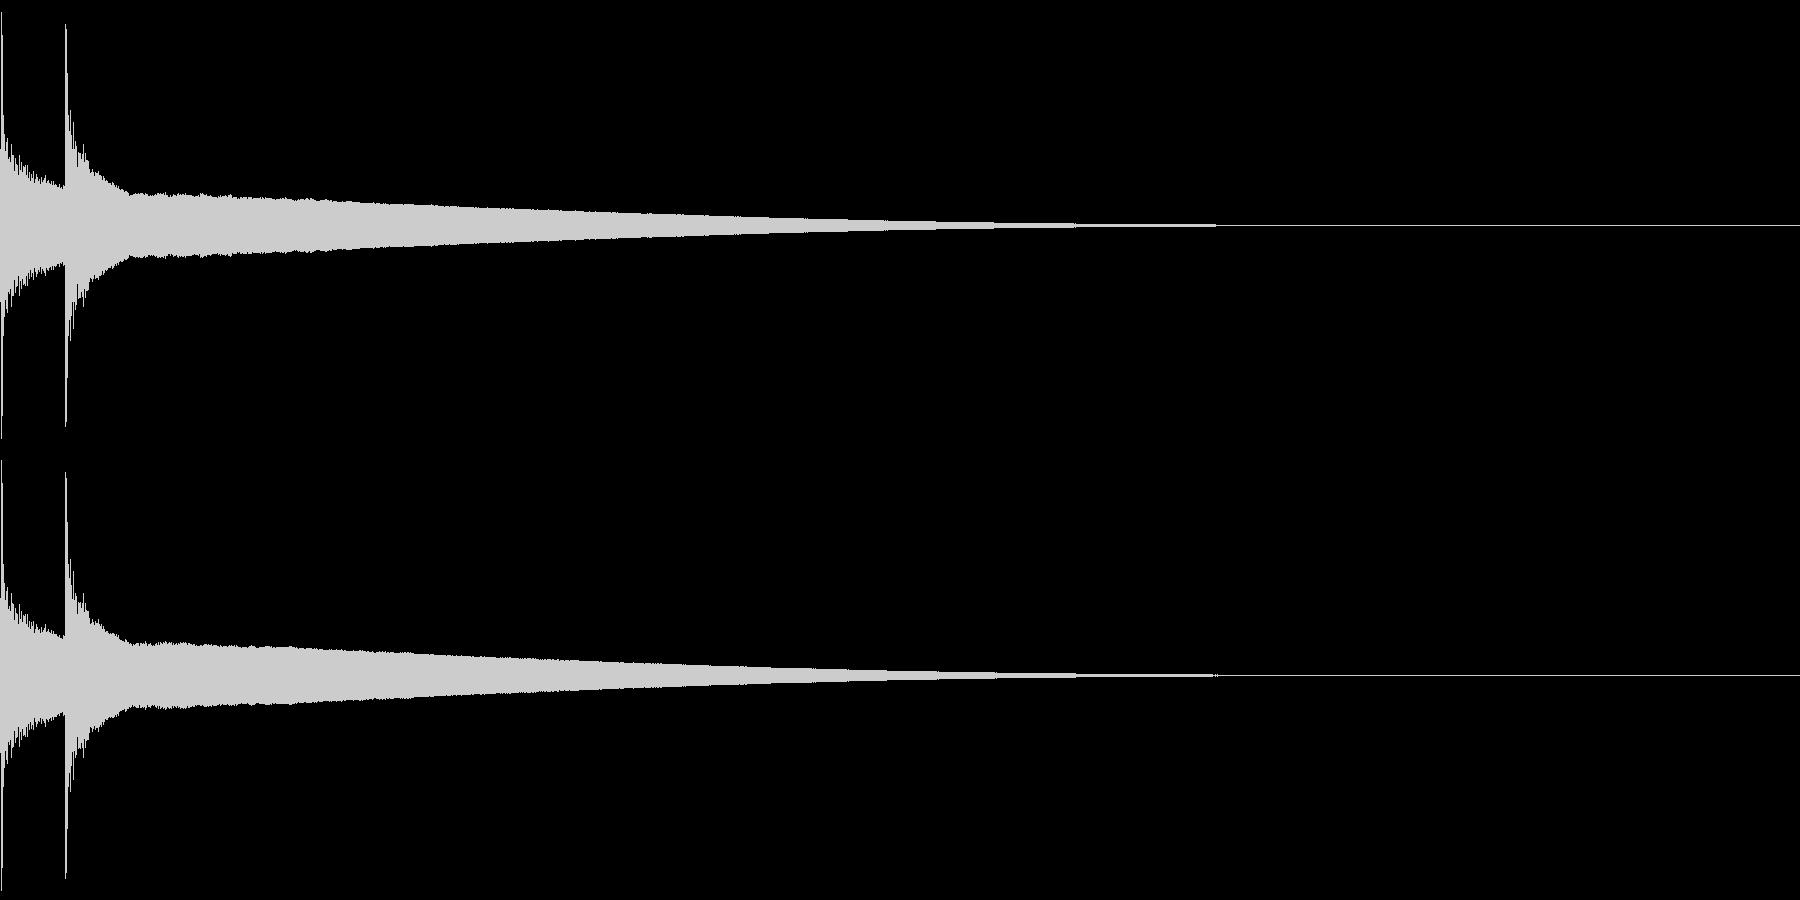 アイテム/コインゲット(音程低め)の未再生の波形